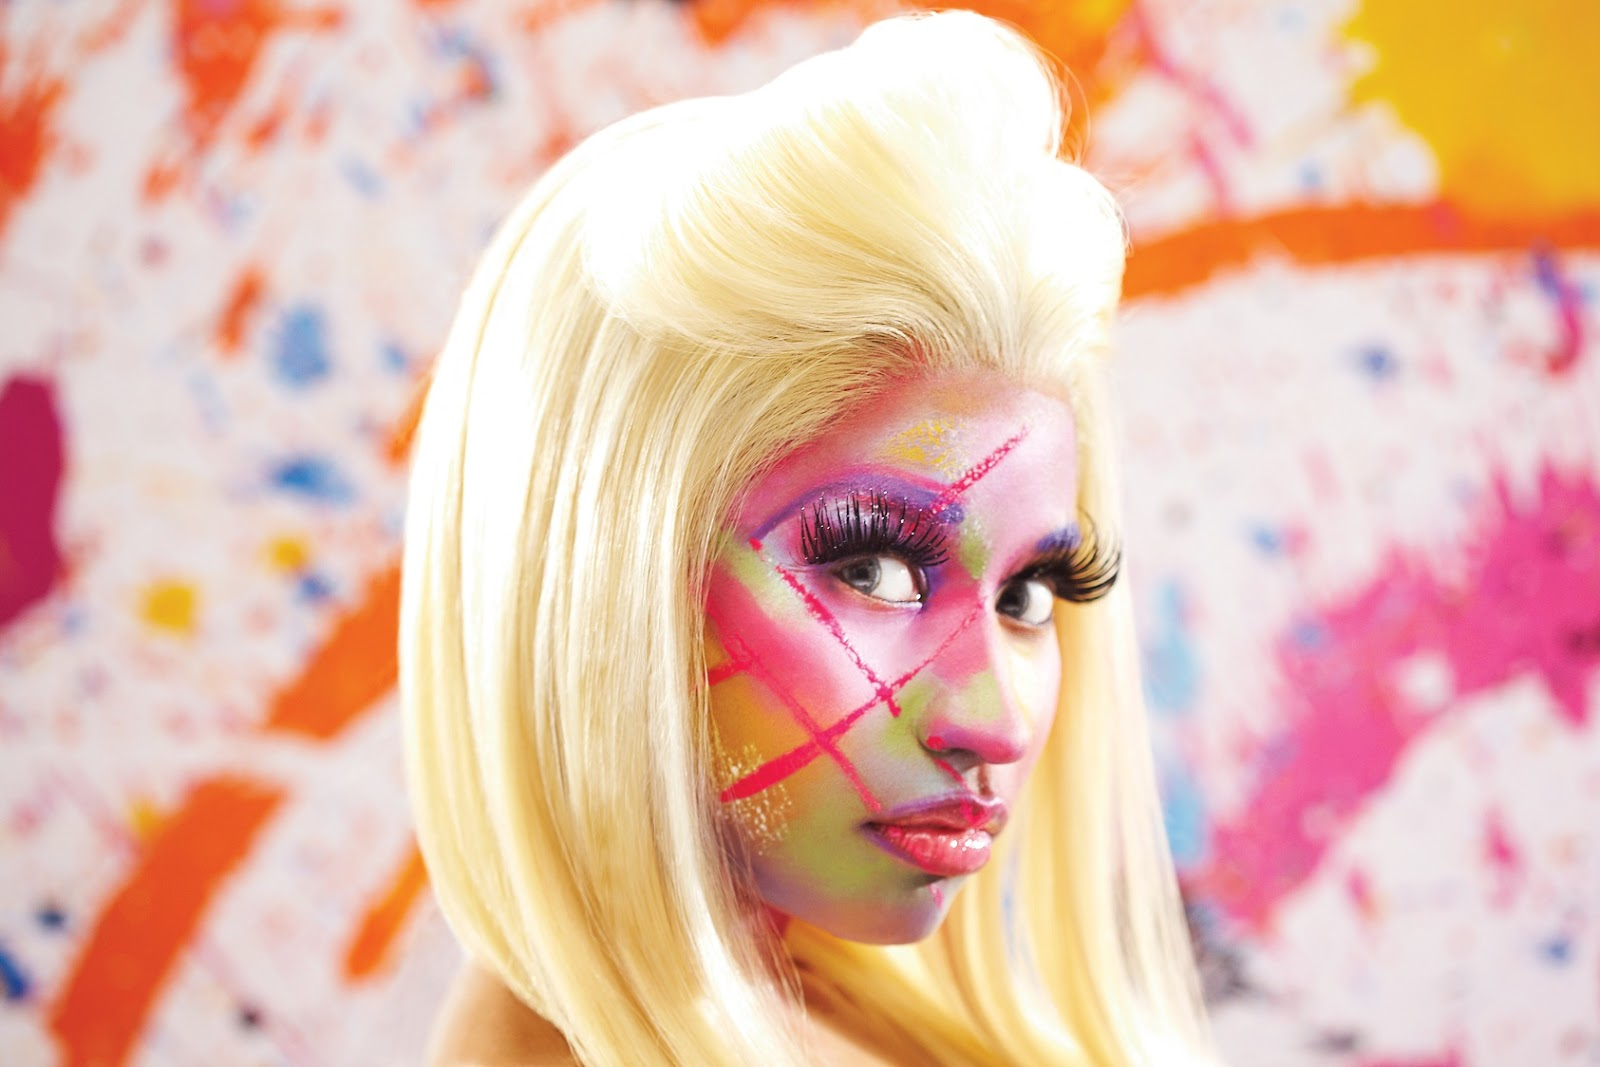 http://1.bp.blogspot.com/-2mQs8Xc-GdA/UJgd2MNmhkI/AAAAAAAAesU/M6WFfBsvM3s/s1600/nicki-minaj-makeup-style.jpg